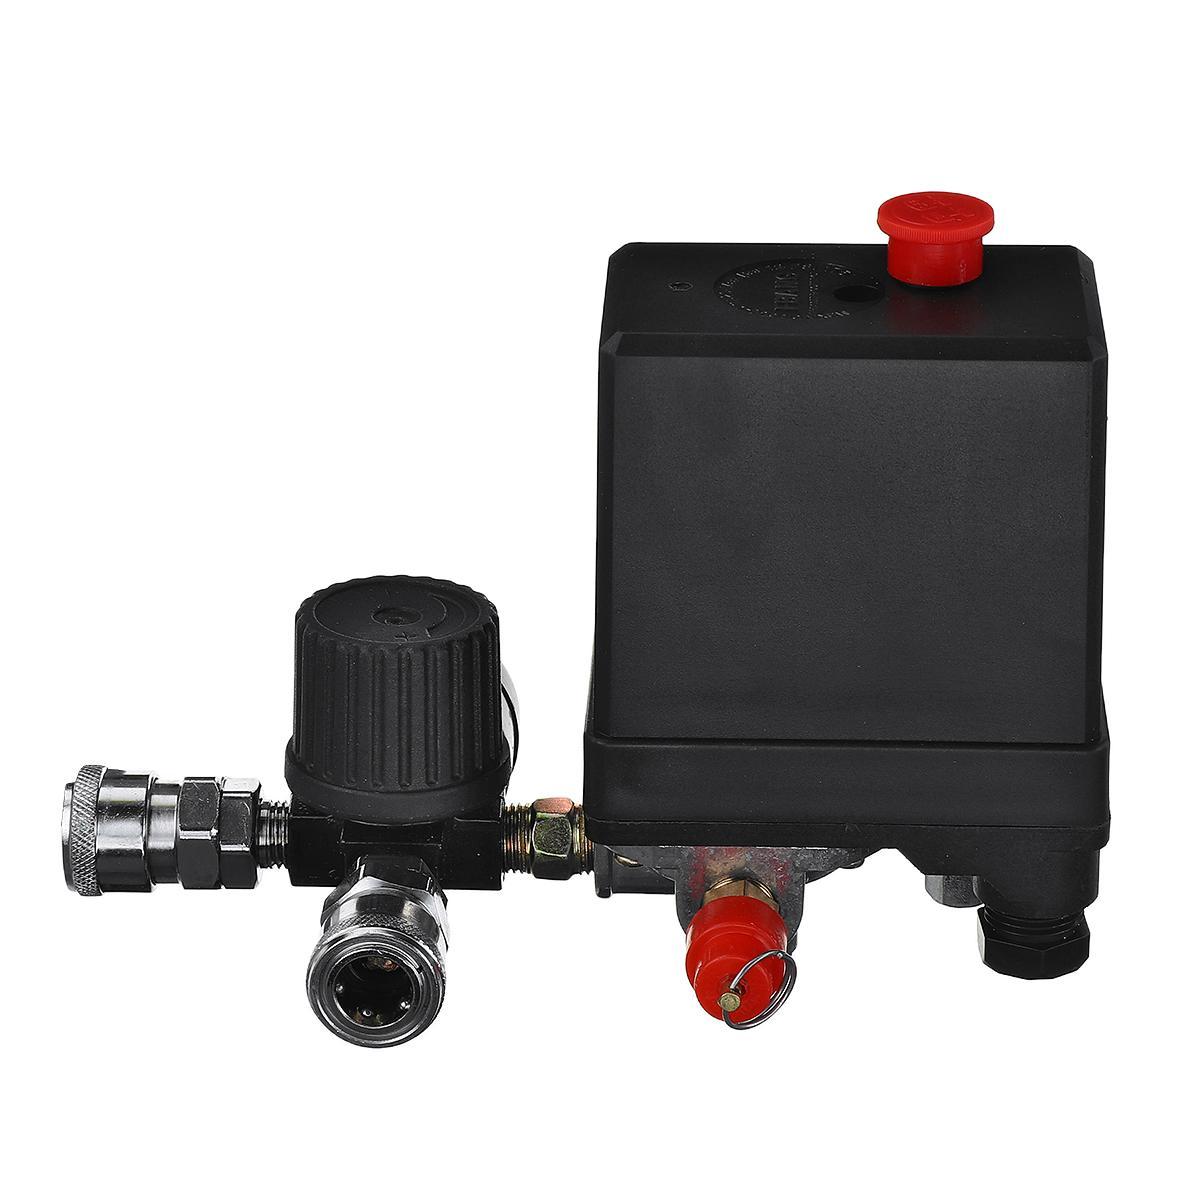 Image 4 - Воздушный компрессор насос переключатель контроля давления 4 порта 220В/380В регулятор сброса коллектора 30 120PSI контрольный клапан с манометромПневматические компоненты    АлиЭкспресс